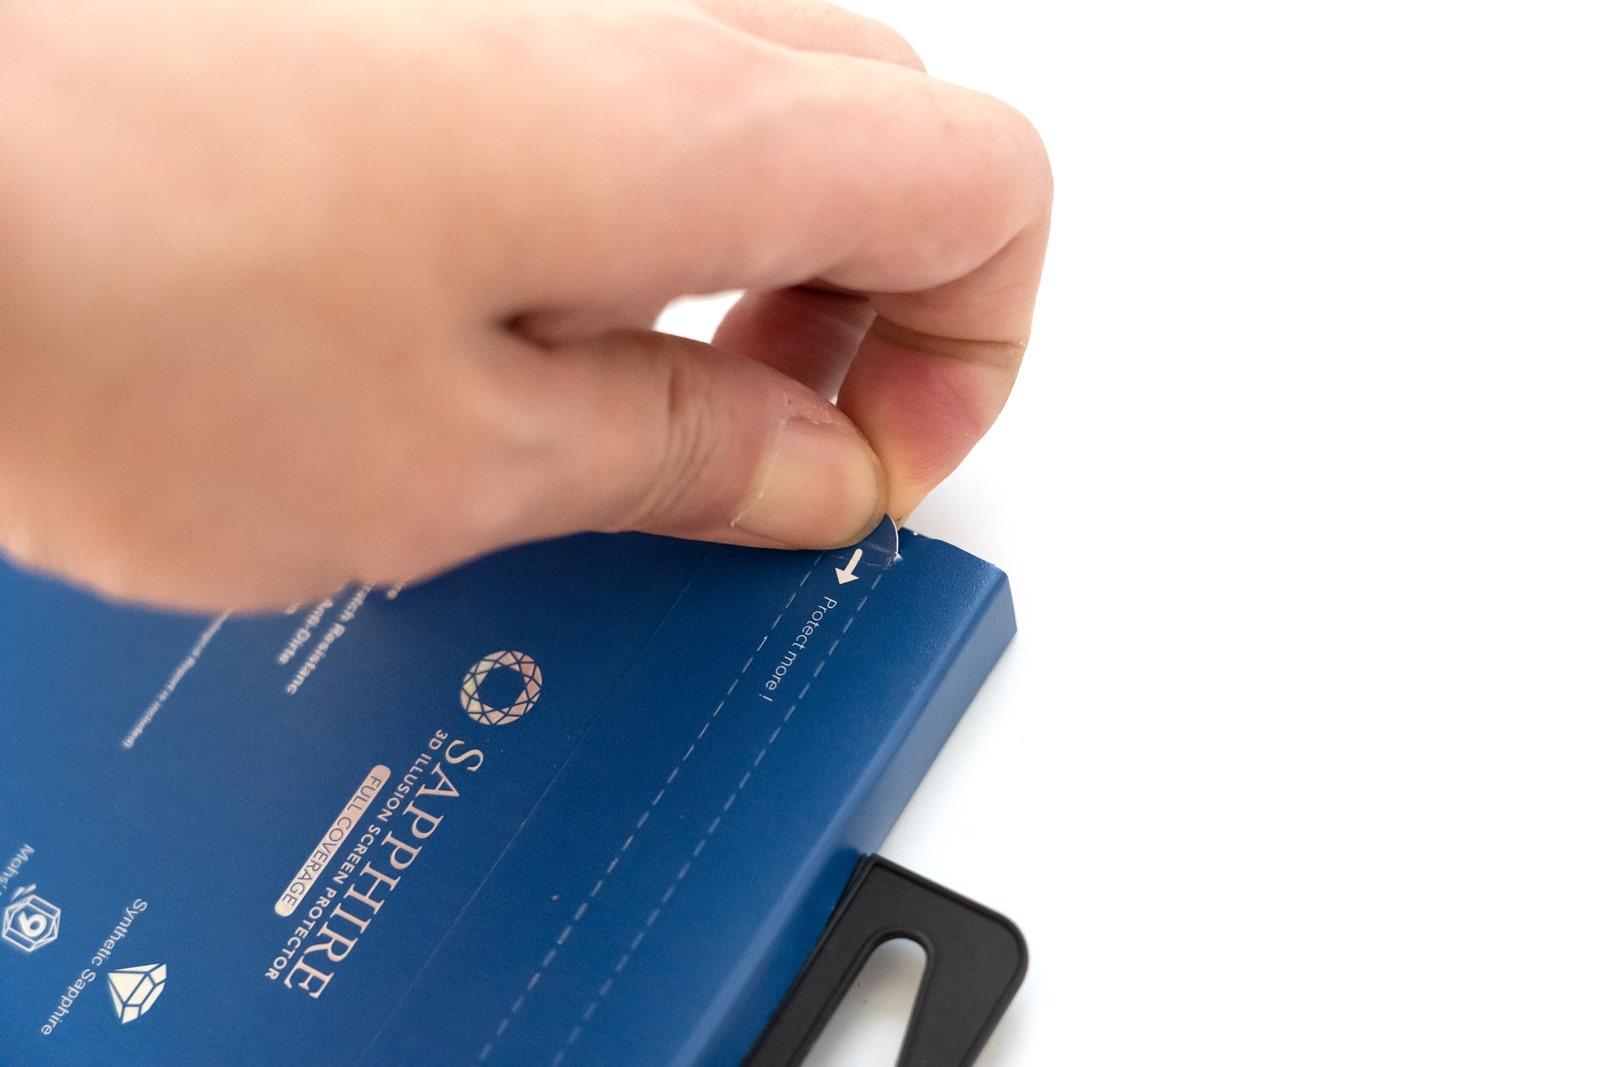 穩定、高級、新科技!耐刮防磨有夠硬!hoda 藍寶石保護貼 @3C 達人廖阿輝